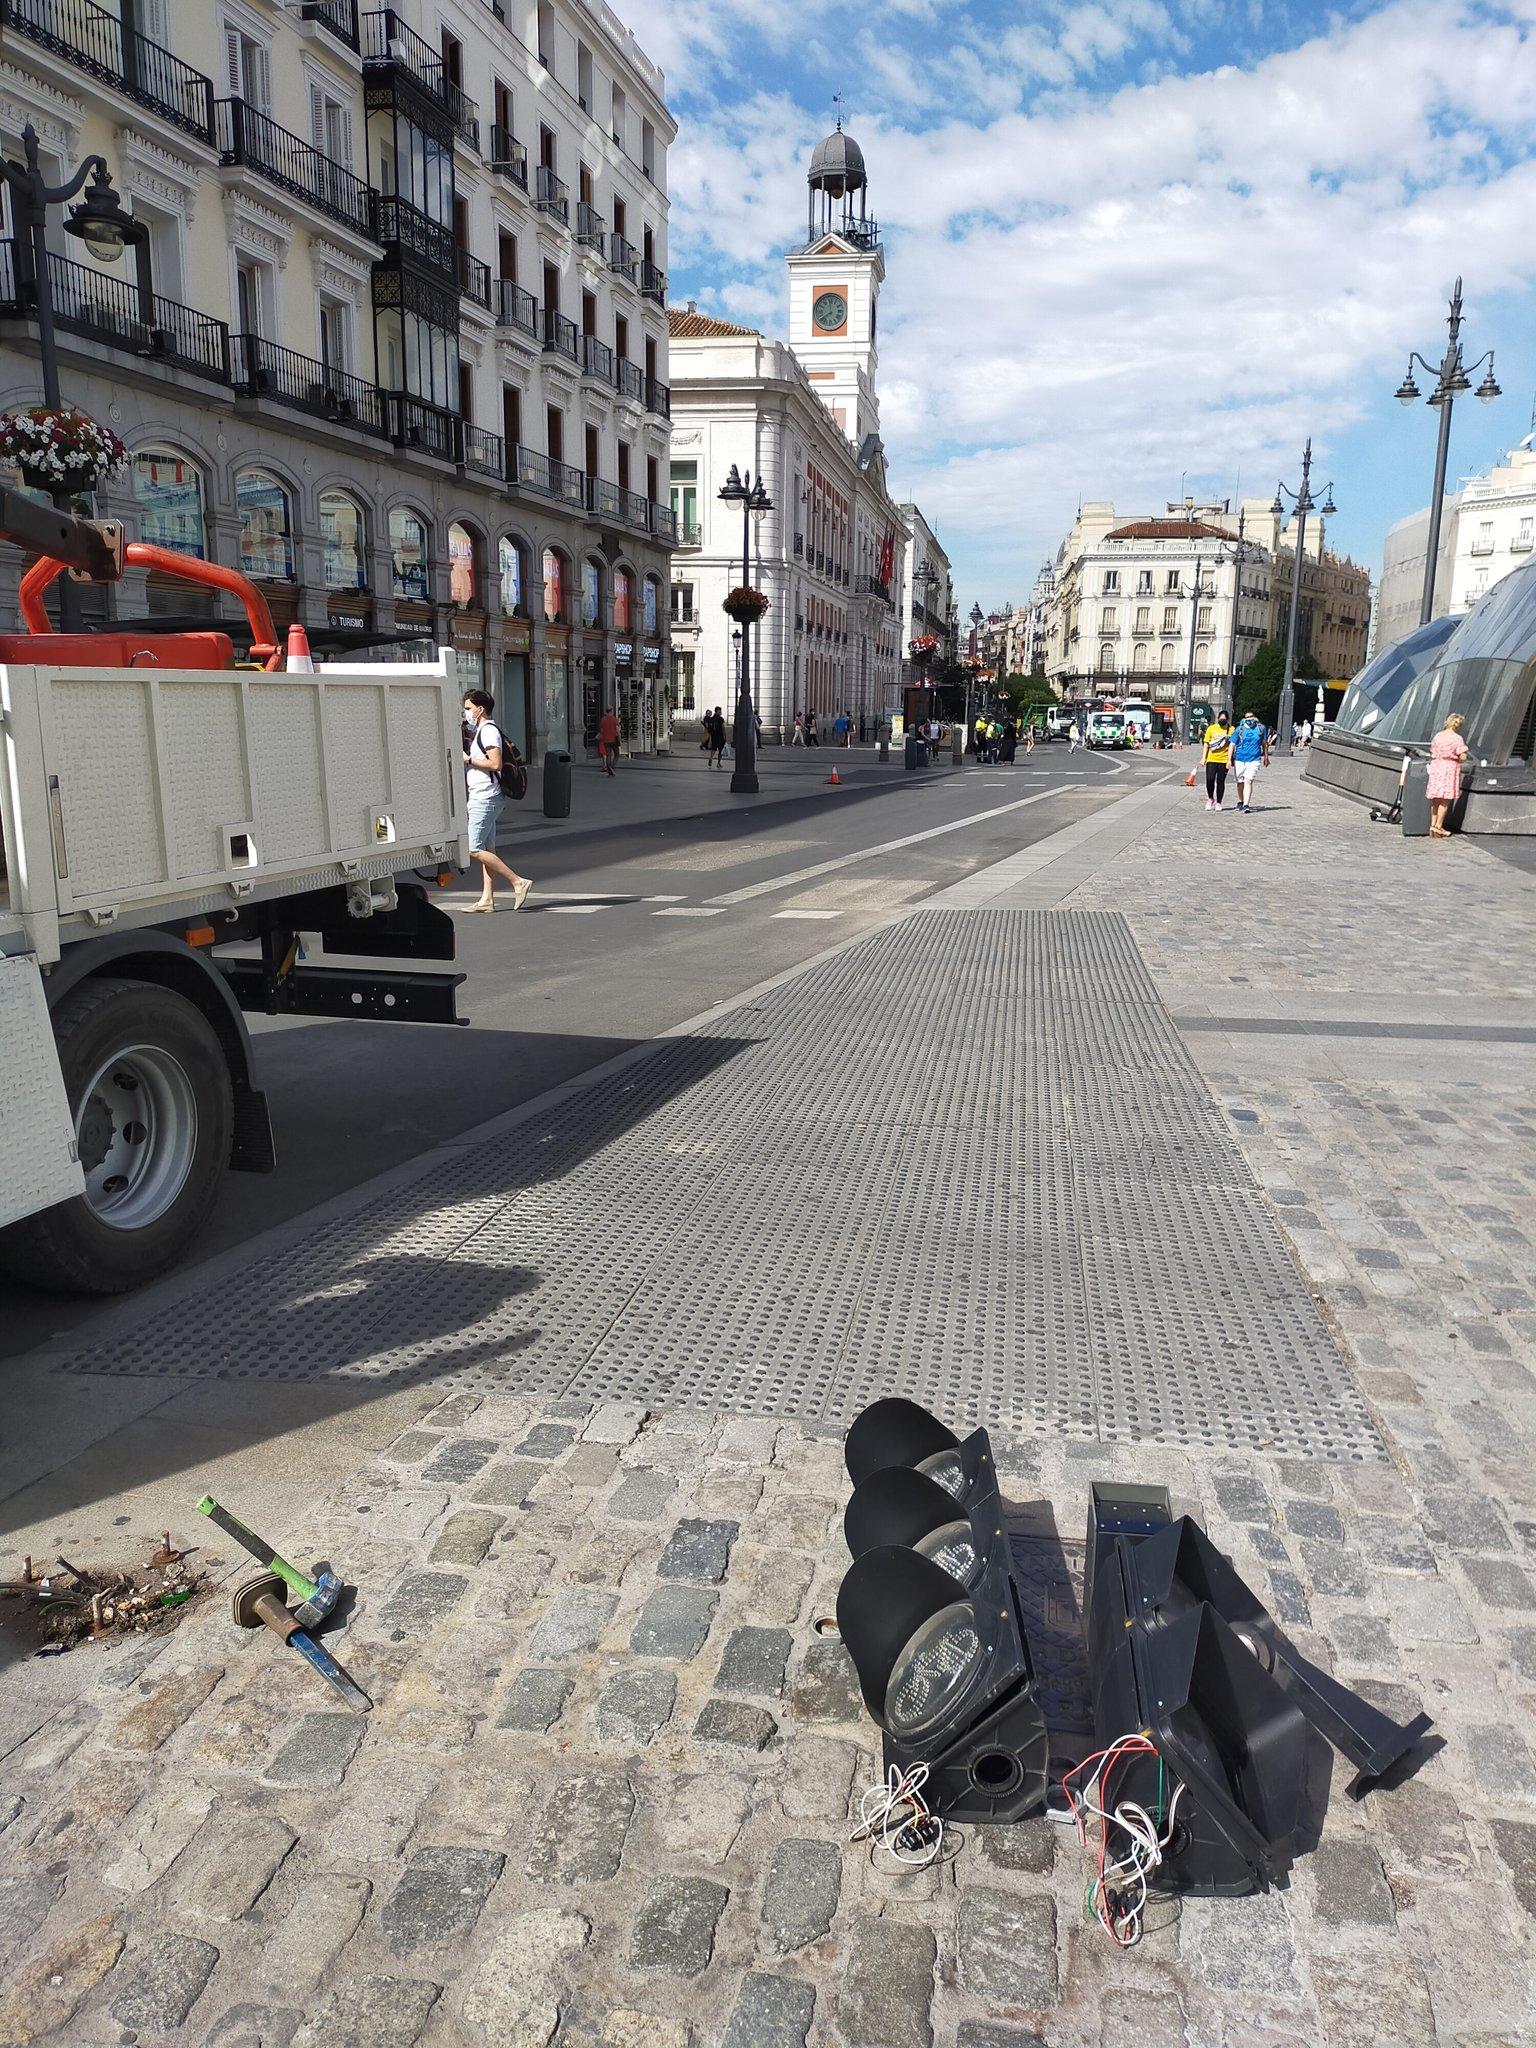 Marcas viales eliminadas y semáforo ciclista desmontado en la Puerta del Sol de Madrid. (Foto: Deteibols)